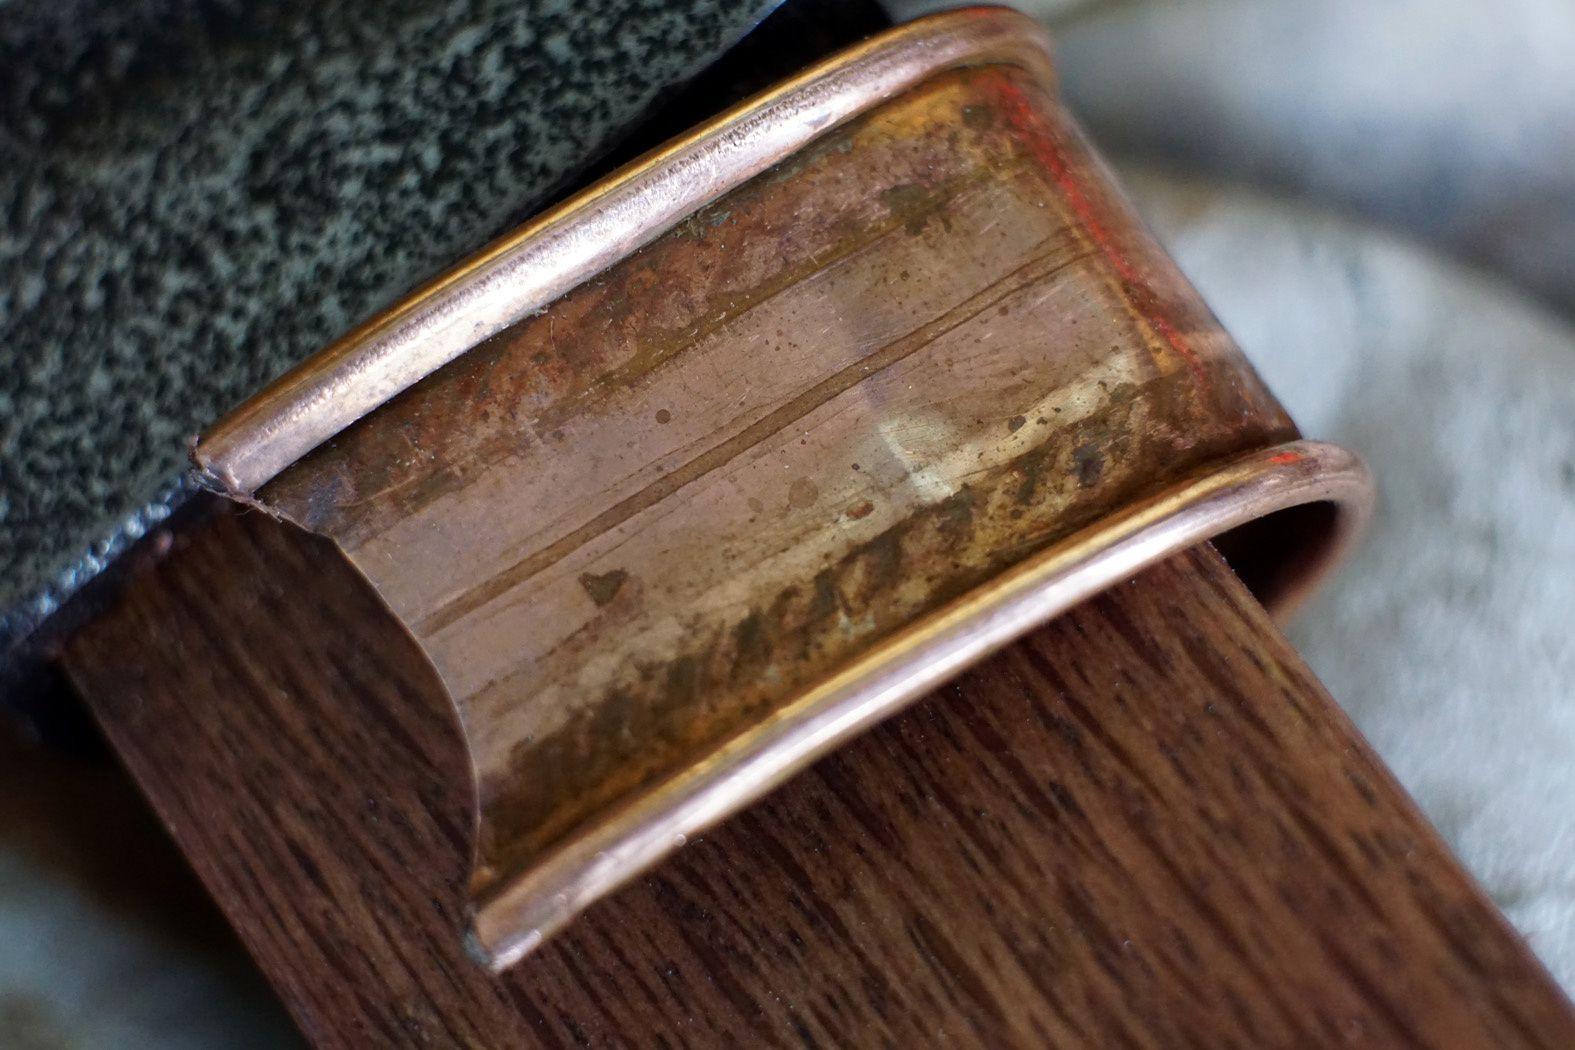 Le bracelet en cuivre a été utilisé pour faire un sandwich au cuir et ses frises en étain pour la laniére